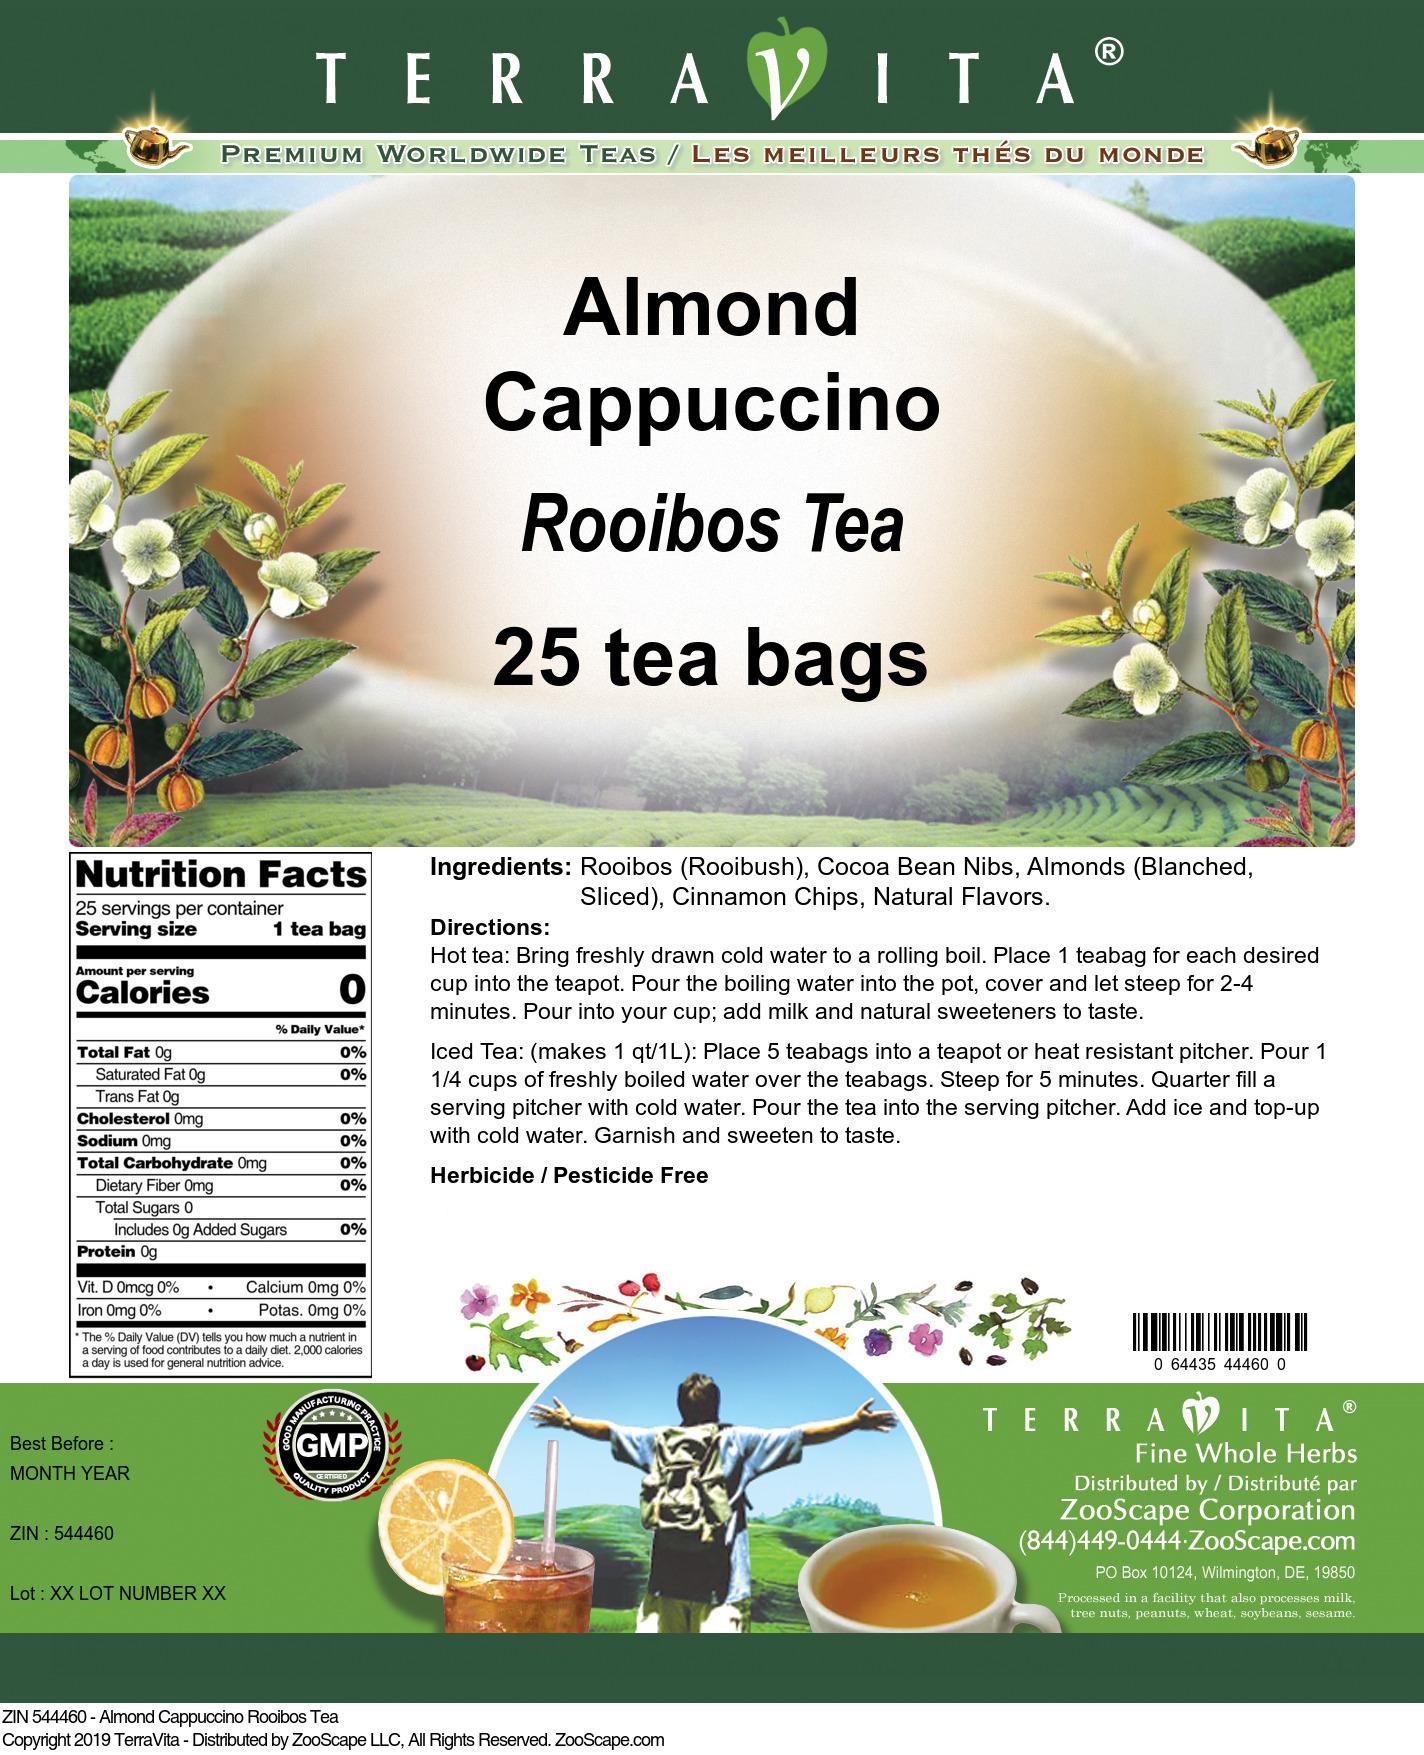 Almond Cappuccino Rooibos Tea